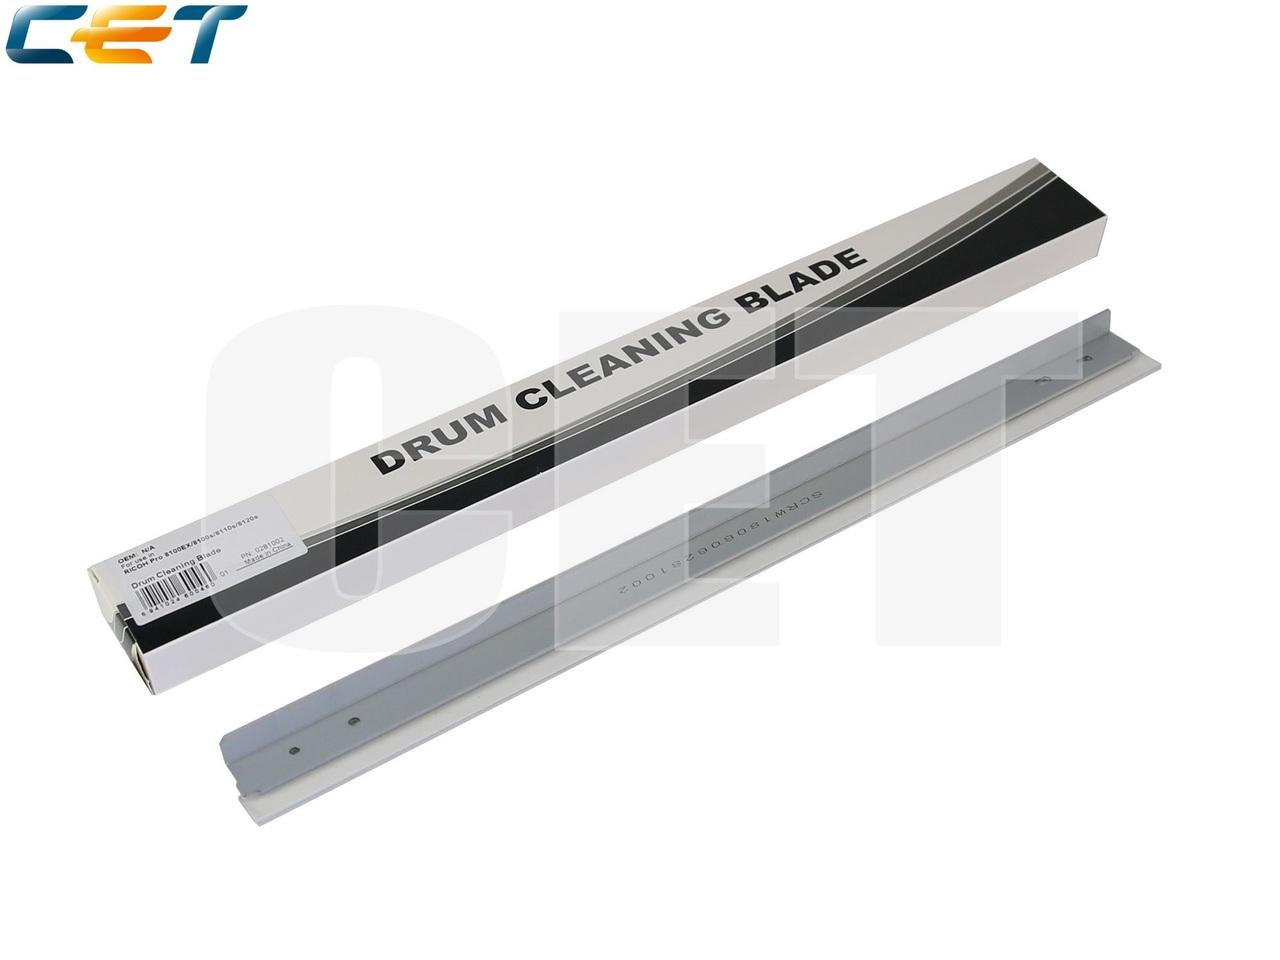 Ракель D179-3581 для RICOH Pro Pro8100s/8110e/8120e/8120s (CET), CET281002